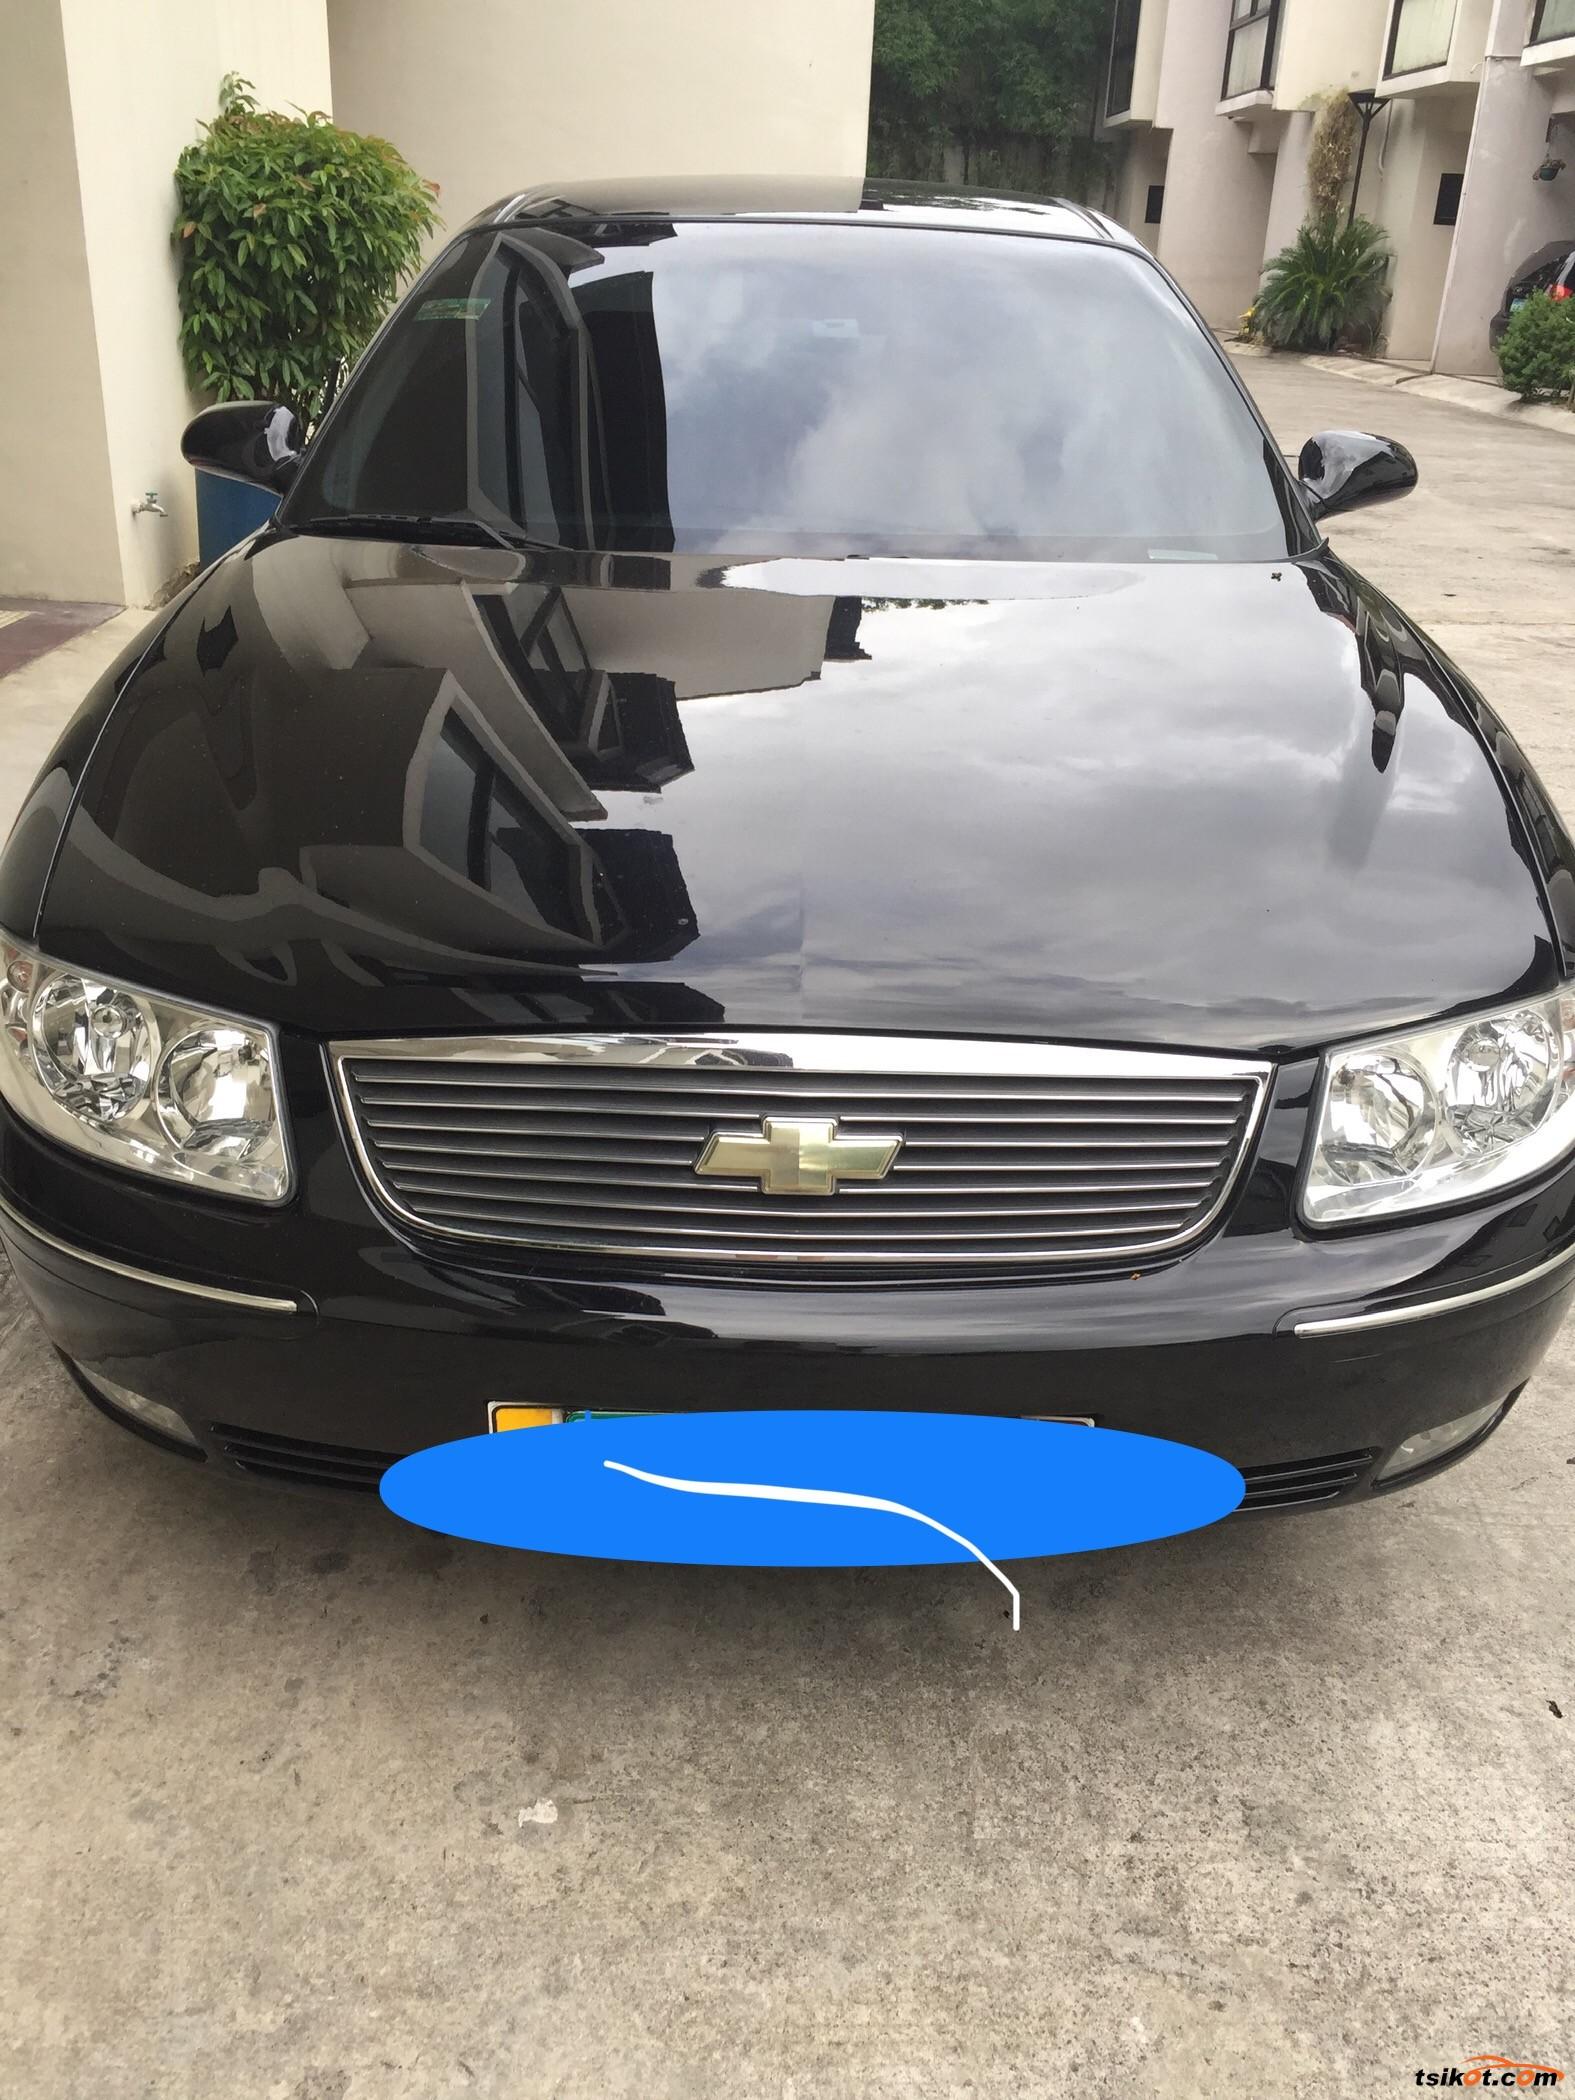 Chevrolet Lumina 2006 - 1